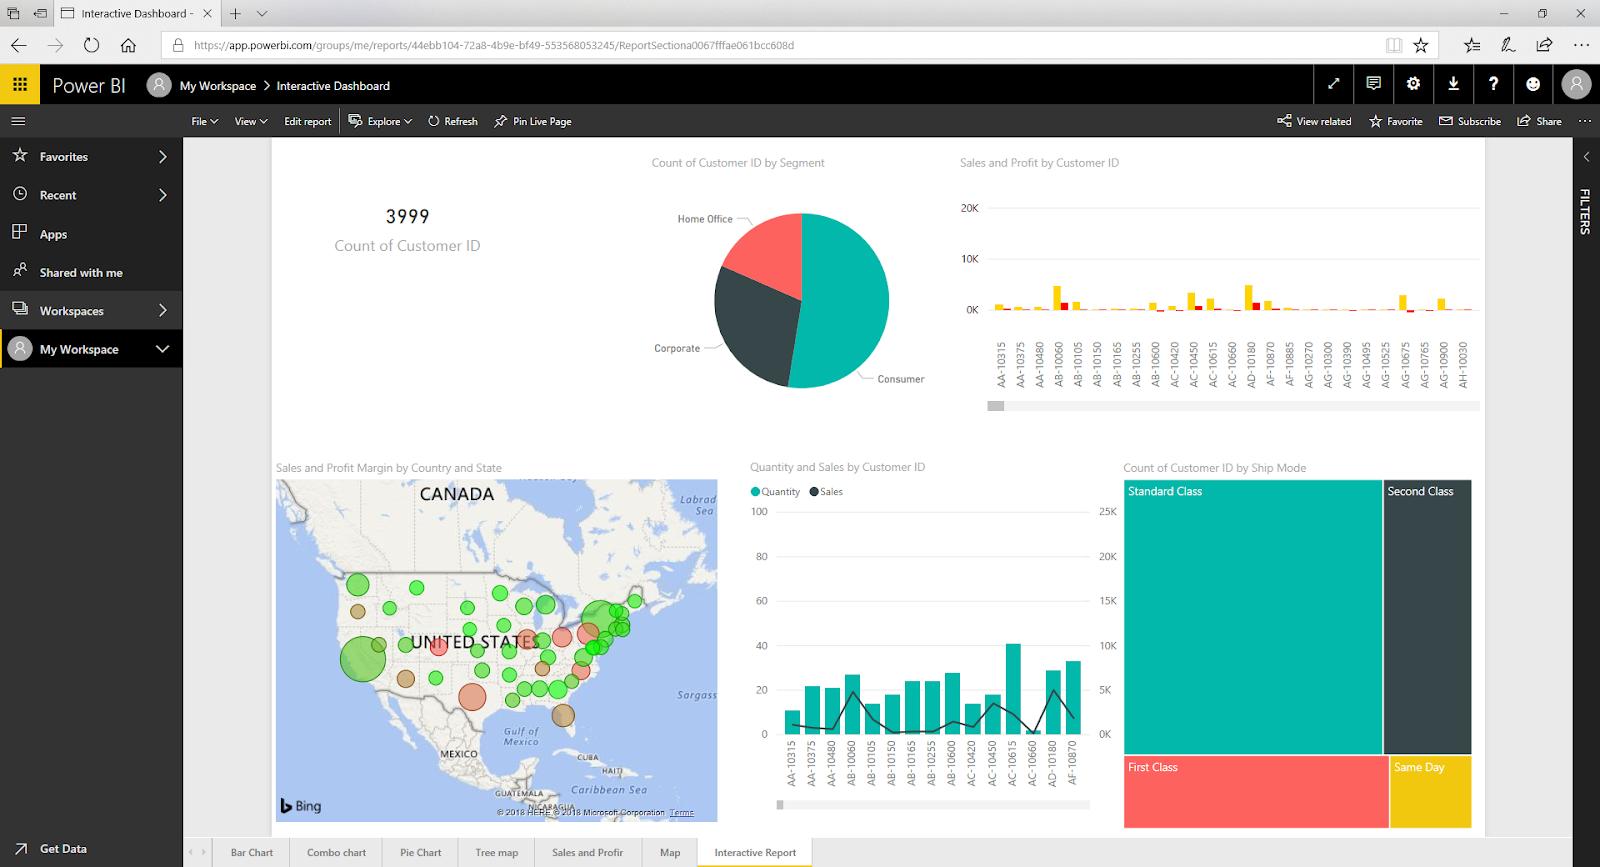 Interactive Dashboard In Microsoft Power BI 64